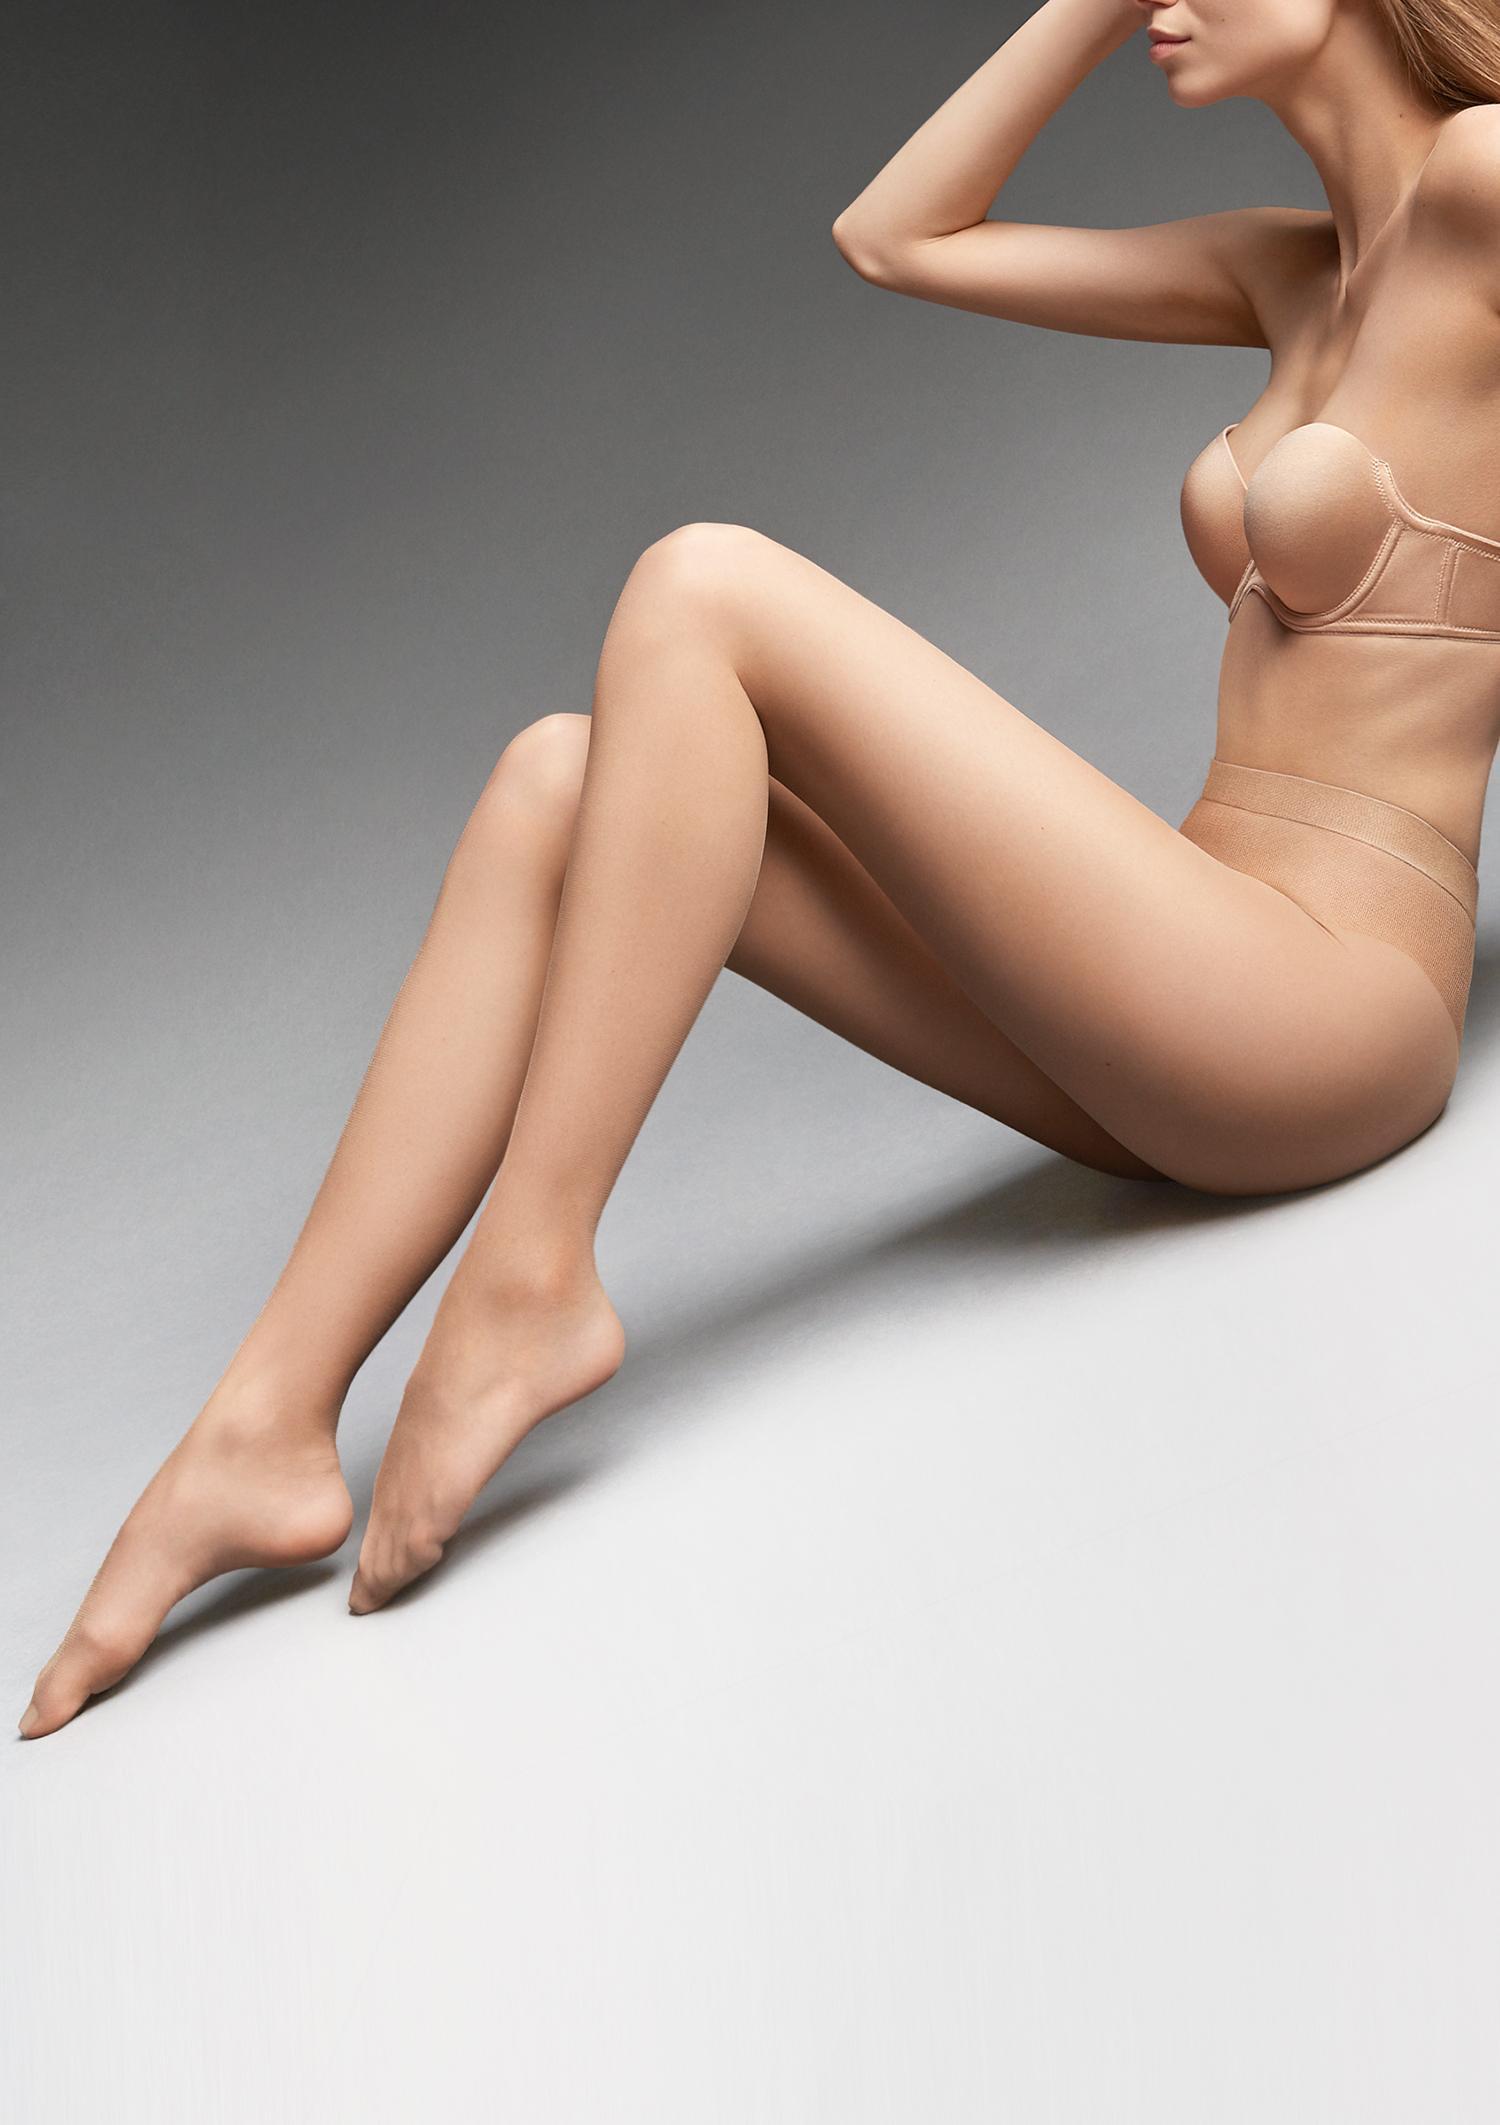 https://golden-legs.com.ua/images/stories/virtuemart/product/img_25125.jpg